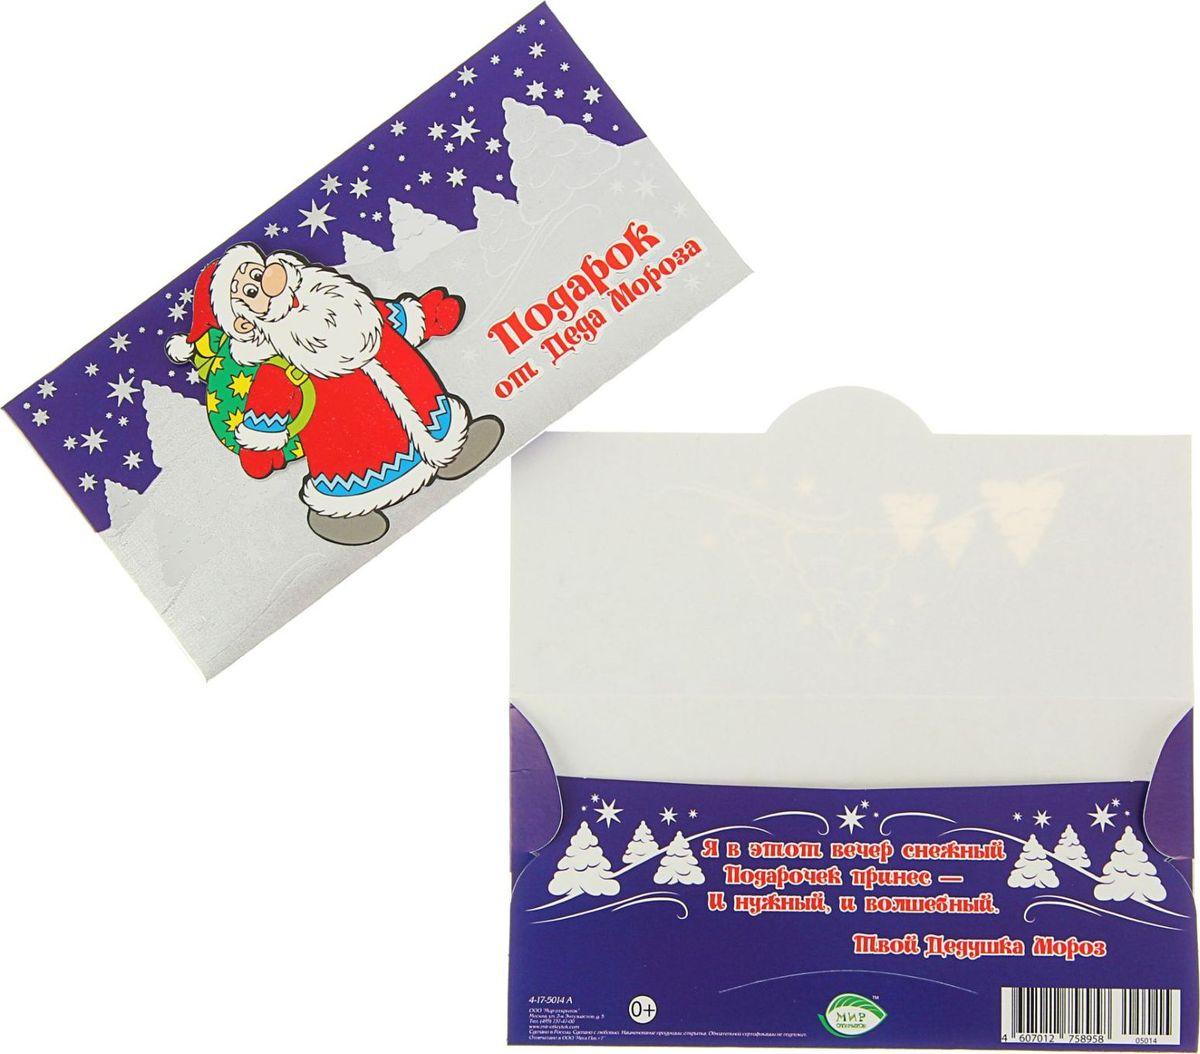 Конверт для денег Мир открыток Подарок от Деда Мороза. Синий фон, 16,4 х 8,4 см1665828Невозможно представить нашу жизнь без праздников! Мы всегда ждём их и предвкушаем, обдумываем, как проведём памятный день, тщательно выбираем подарки и аксессуары, ведь именно они создают и поддерживают торжественный настрой. Этот конверт - отличный выбор, который привнесёт атмосферу праздника в ваш дом!